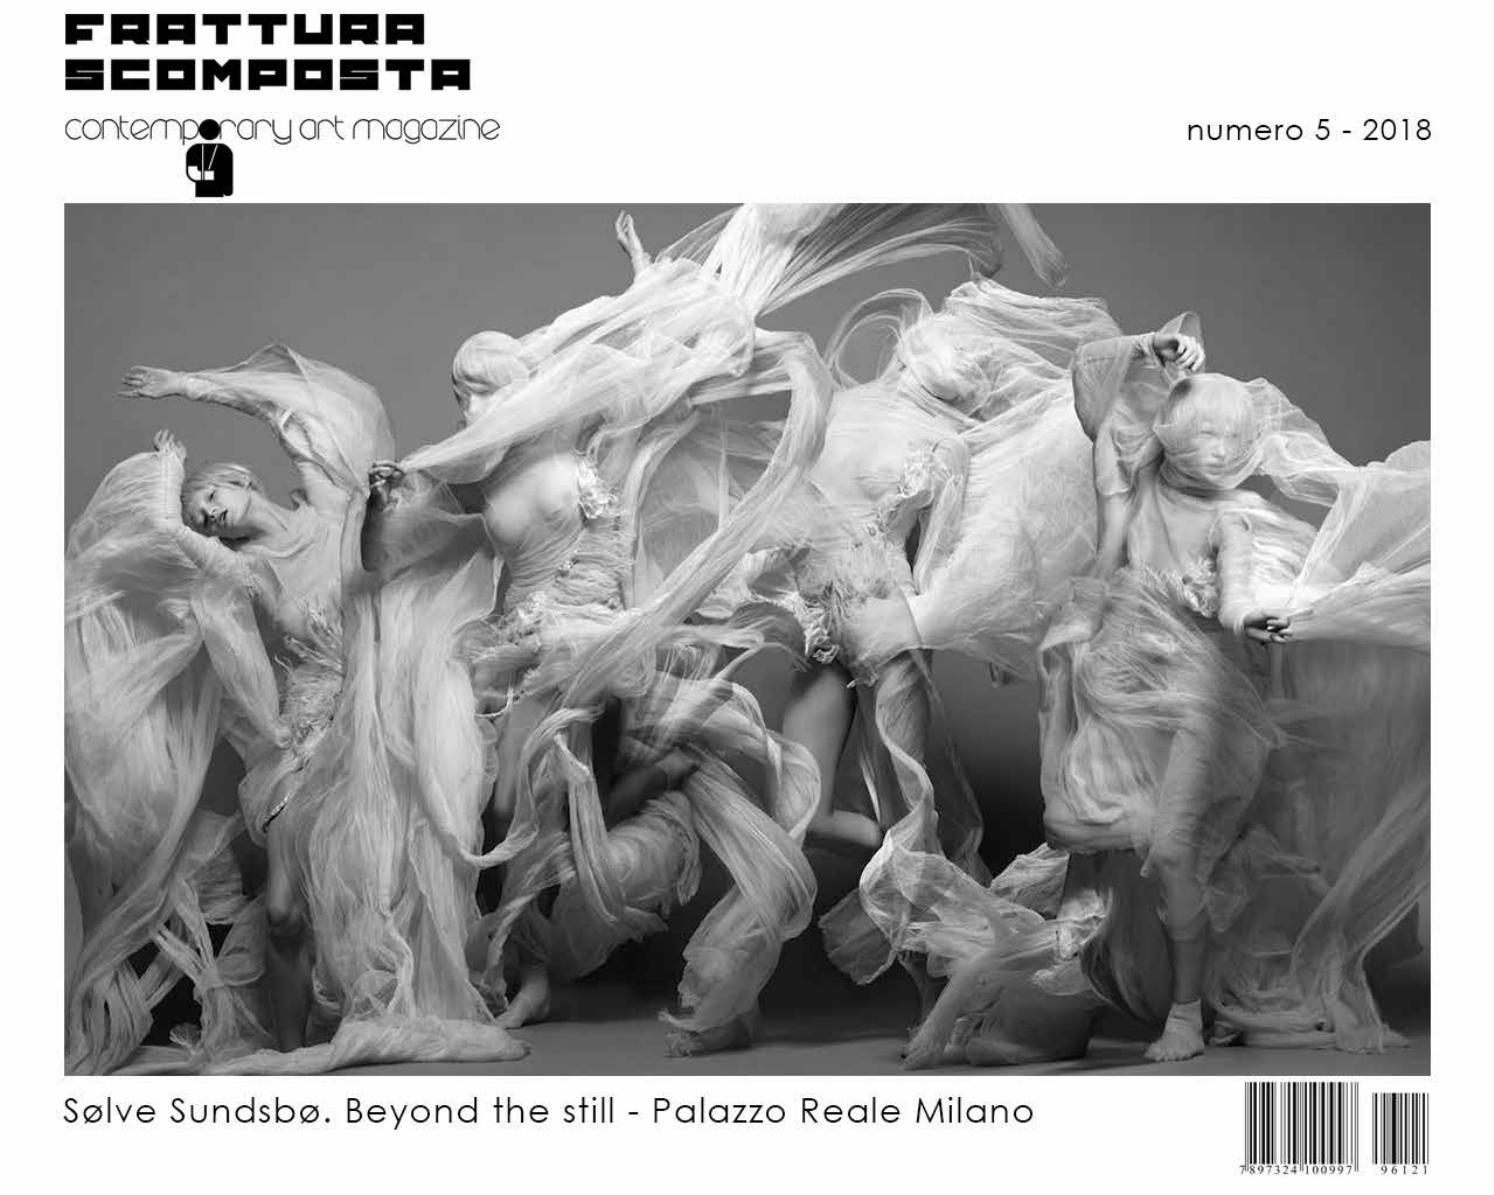 FRATTURA SCOMPOSTA N. 5 2018 by Frattura Scomposta issuu